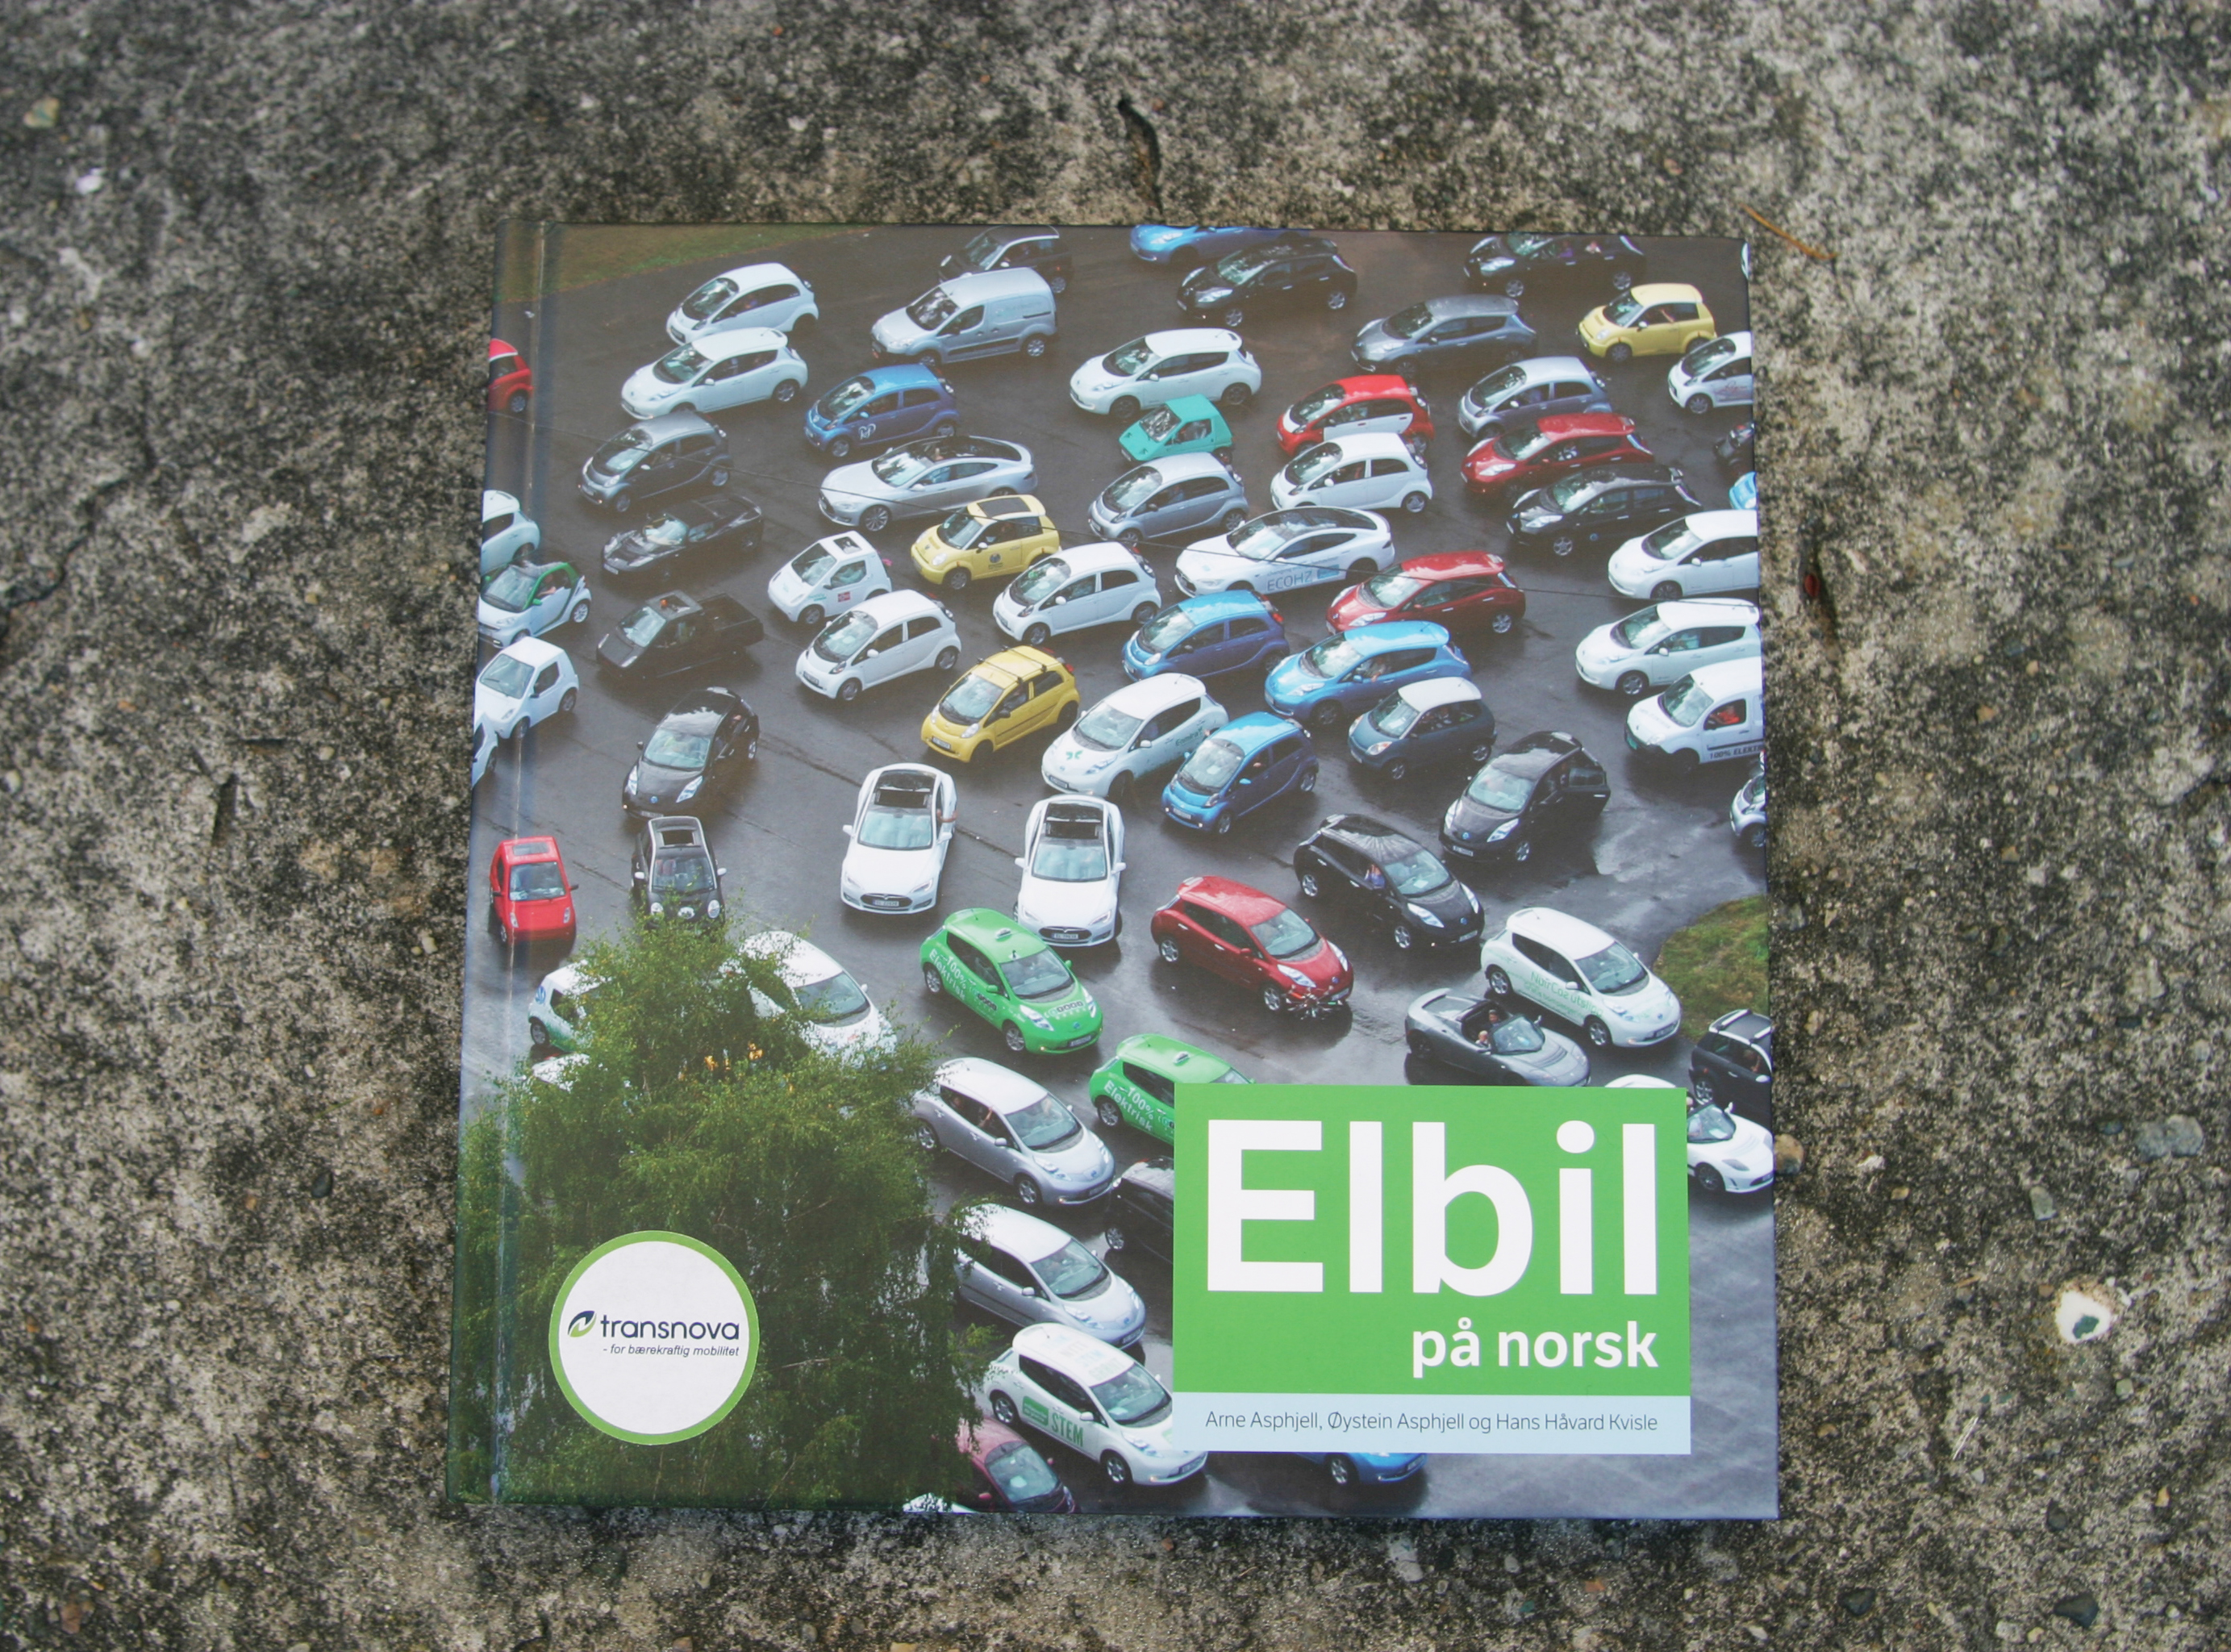 Elbil på norsk